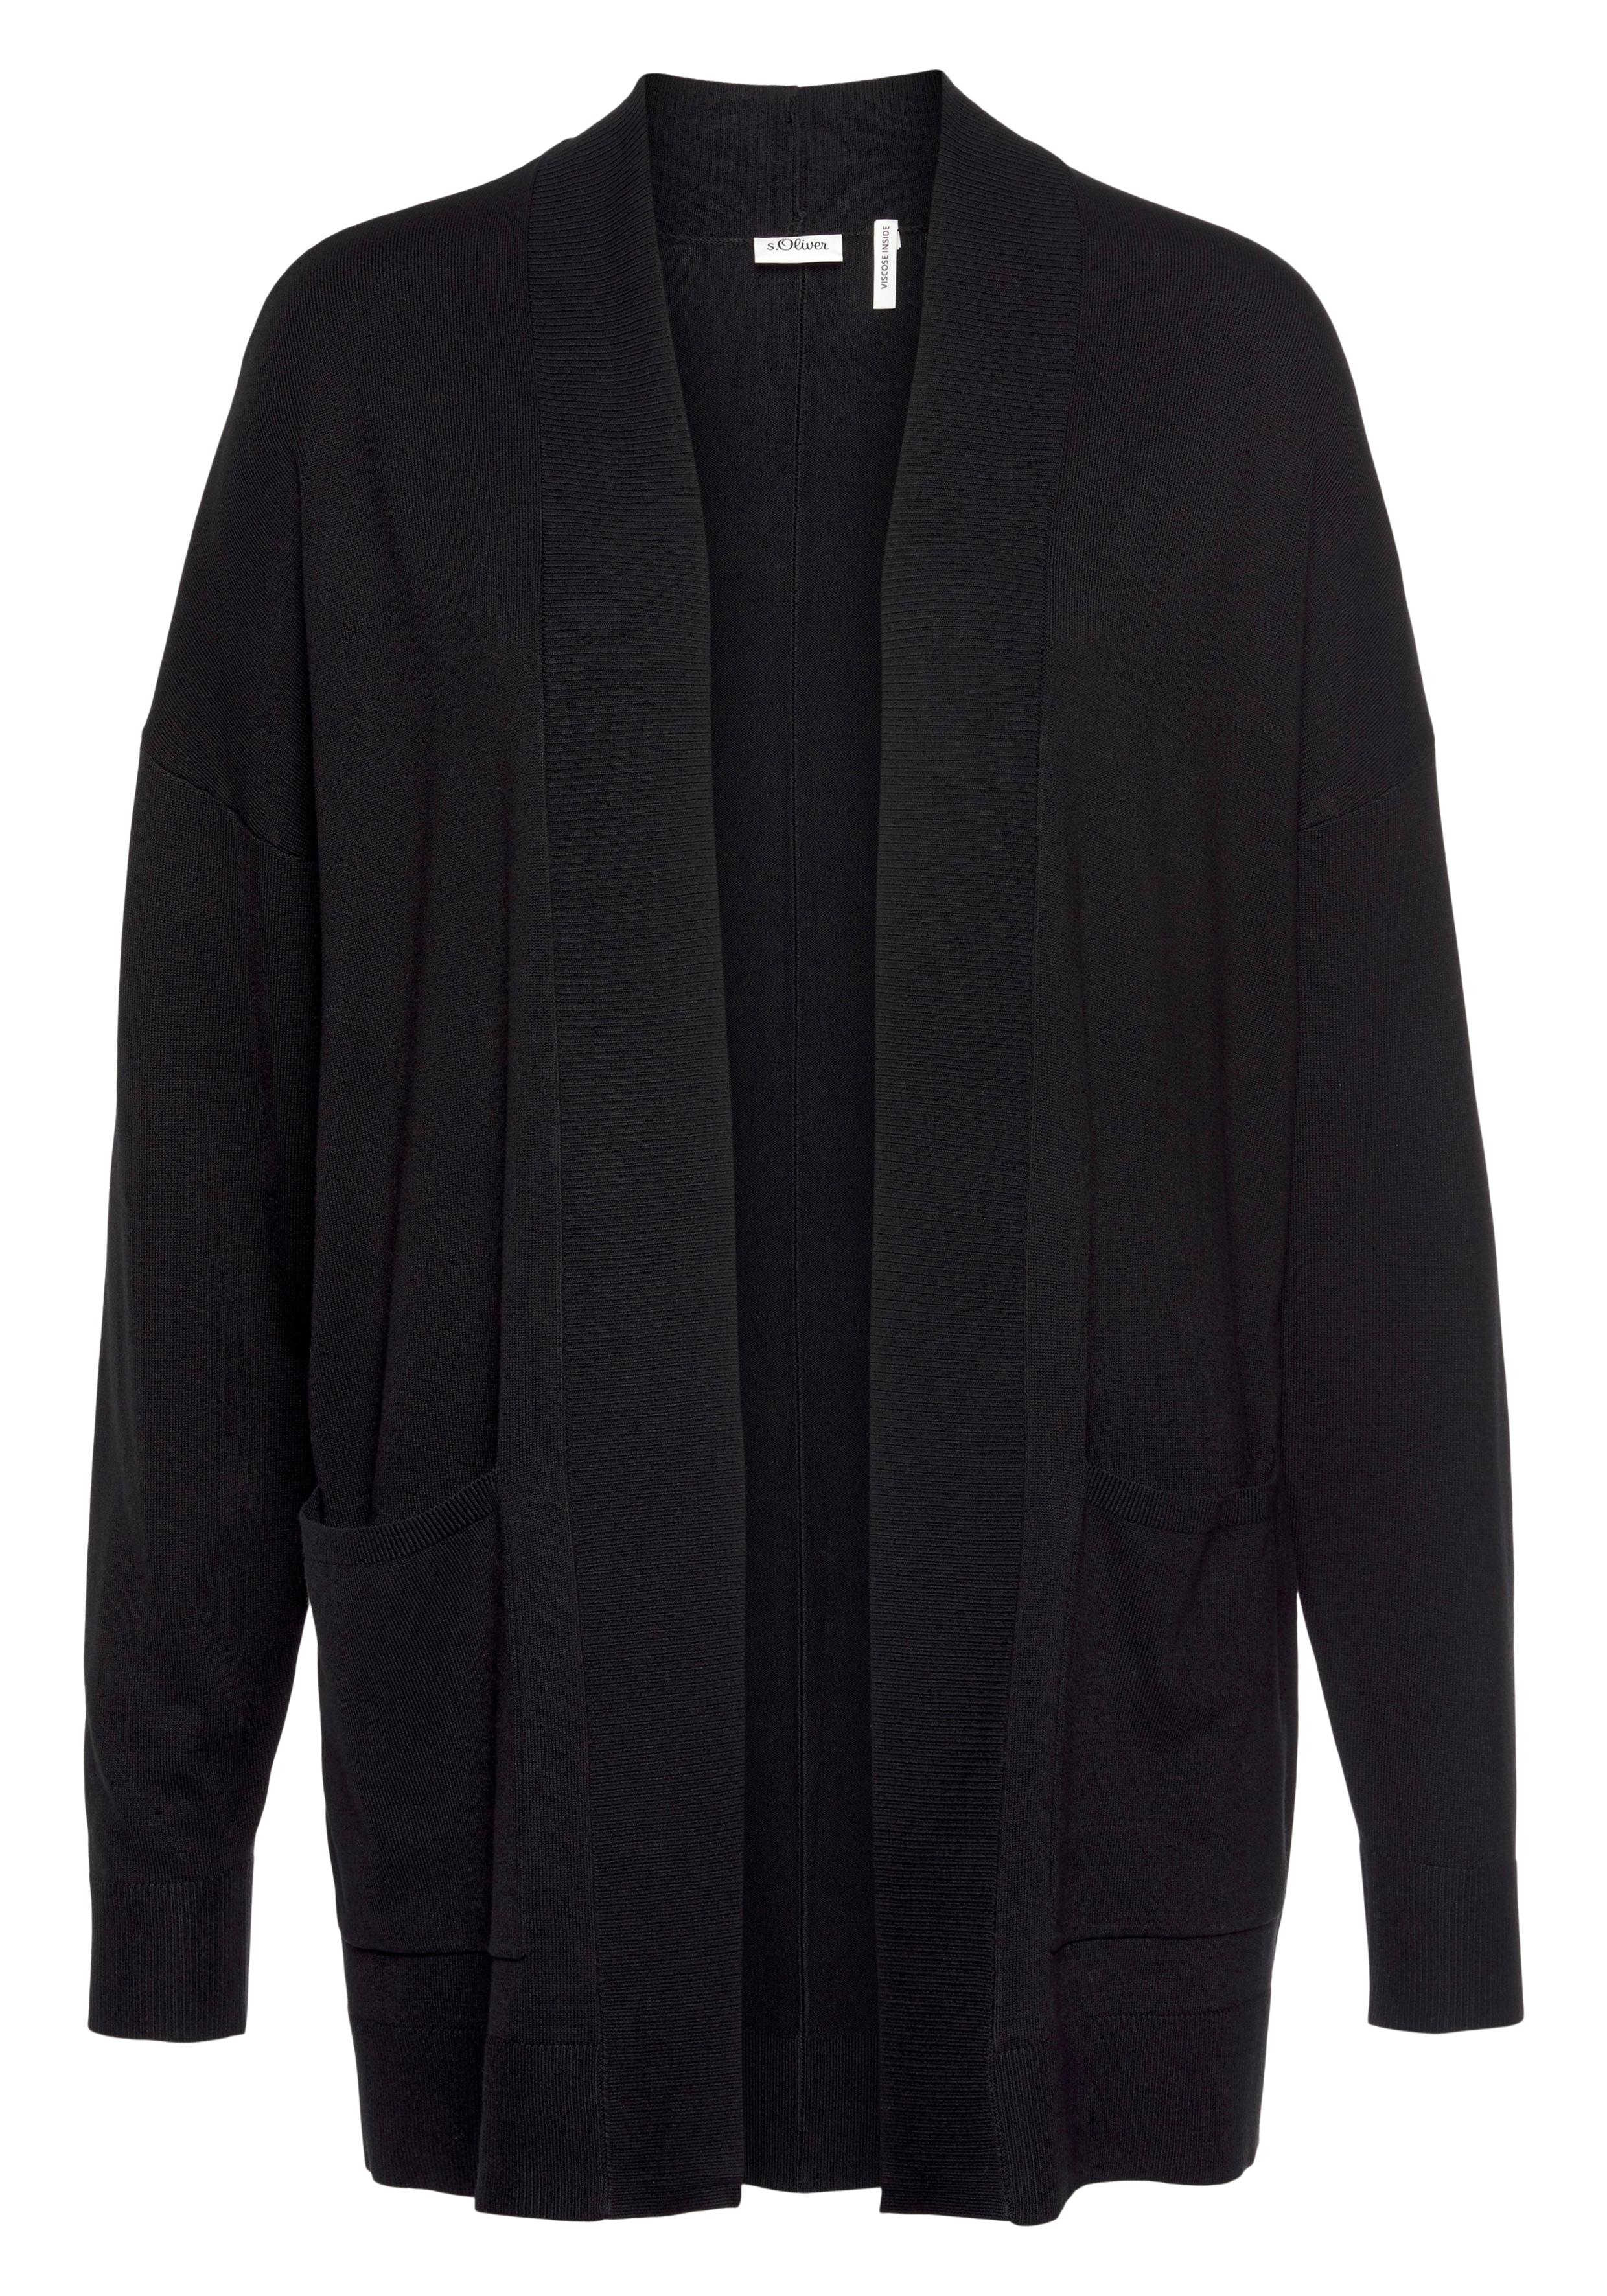 s.oliver black label -  Longstrickjacke, mit aufgesetzten Taschen